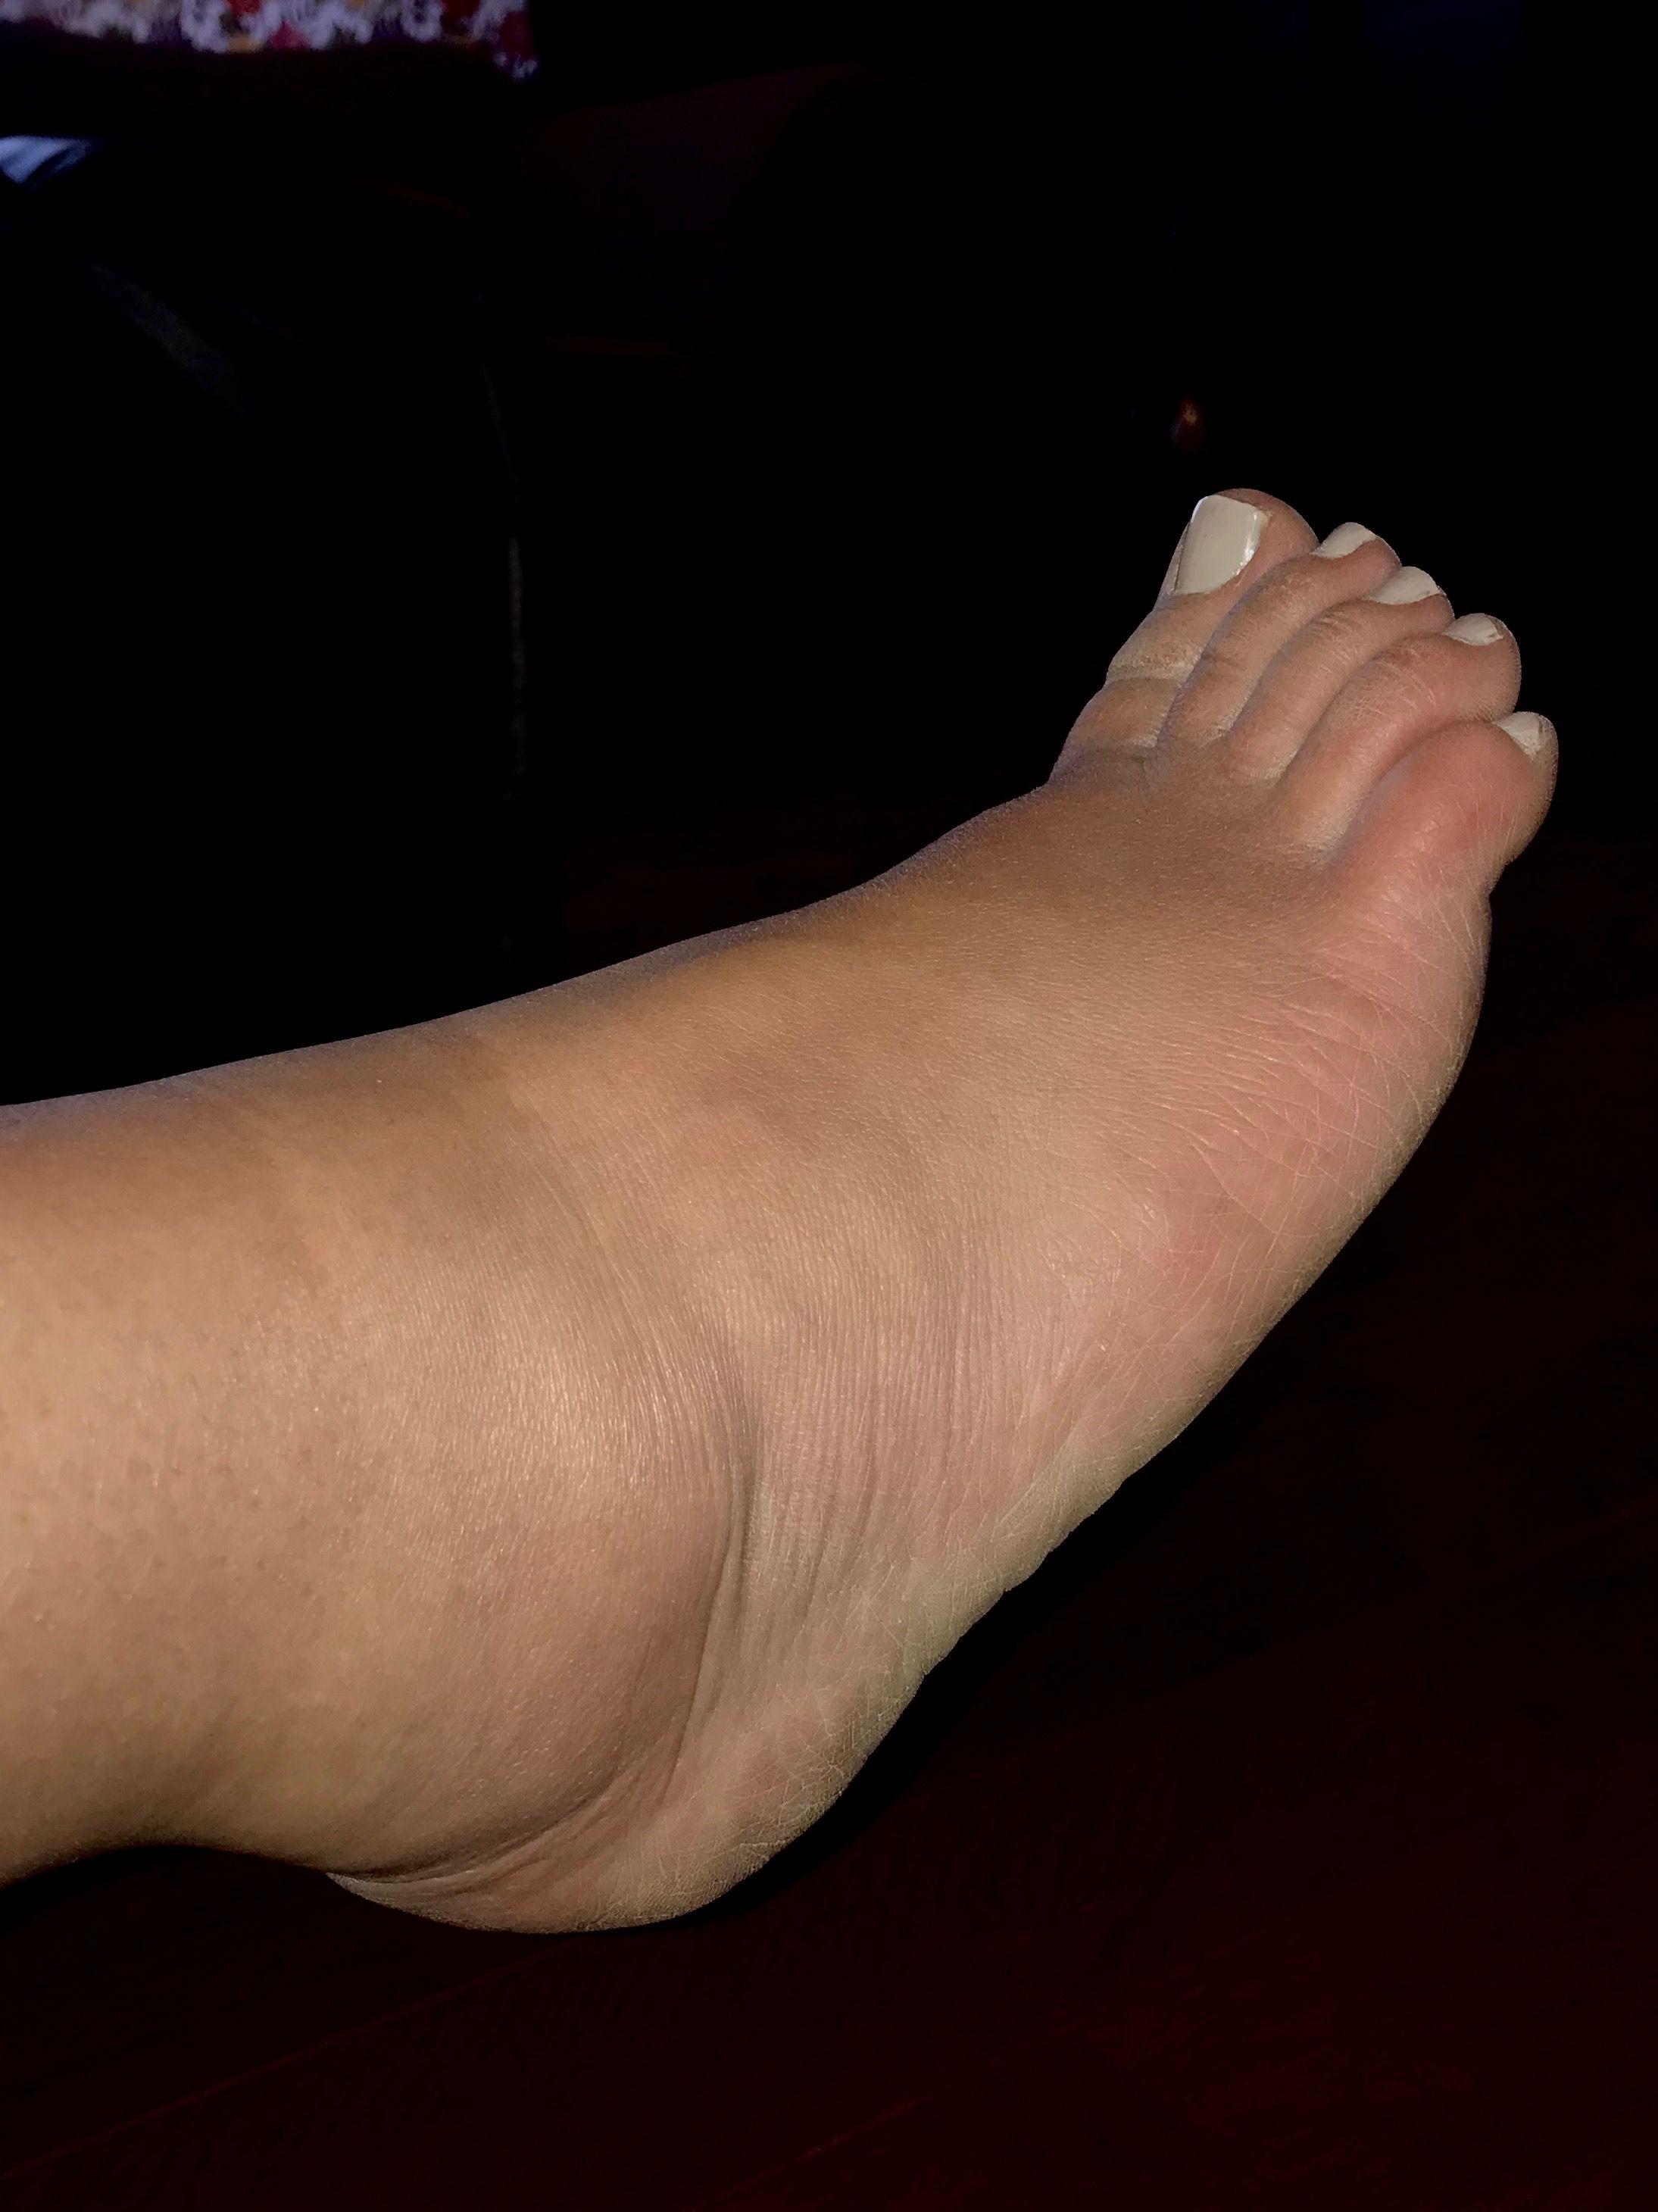 Rheumatoid Arthritis, swelling, ankles.